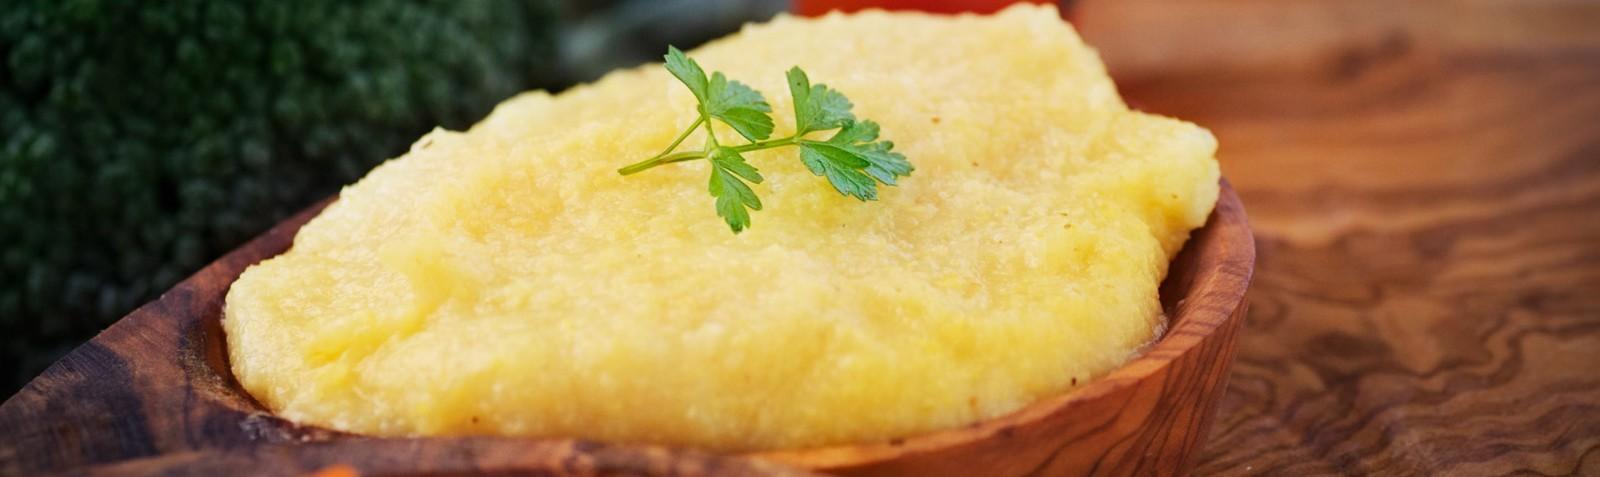 Polenta, das uralte Gericht aus Maismehl